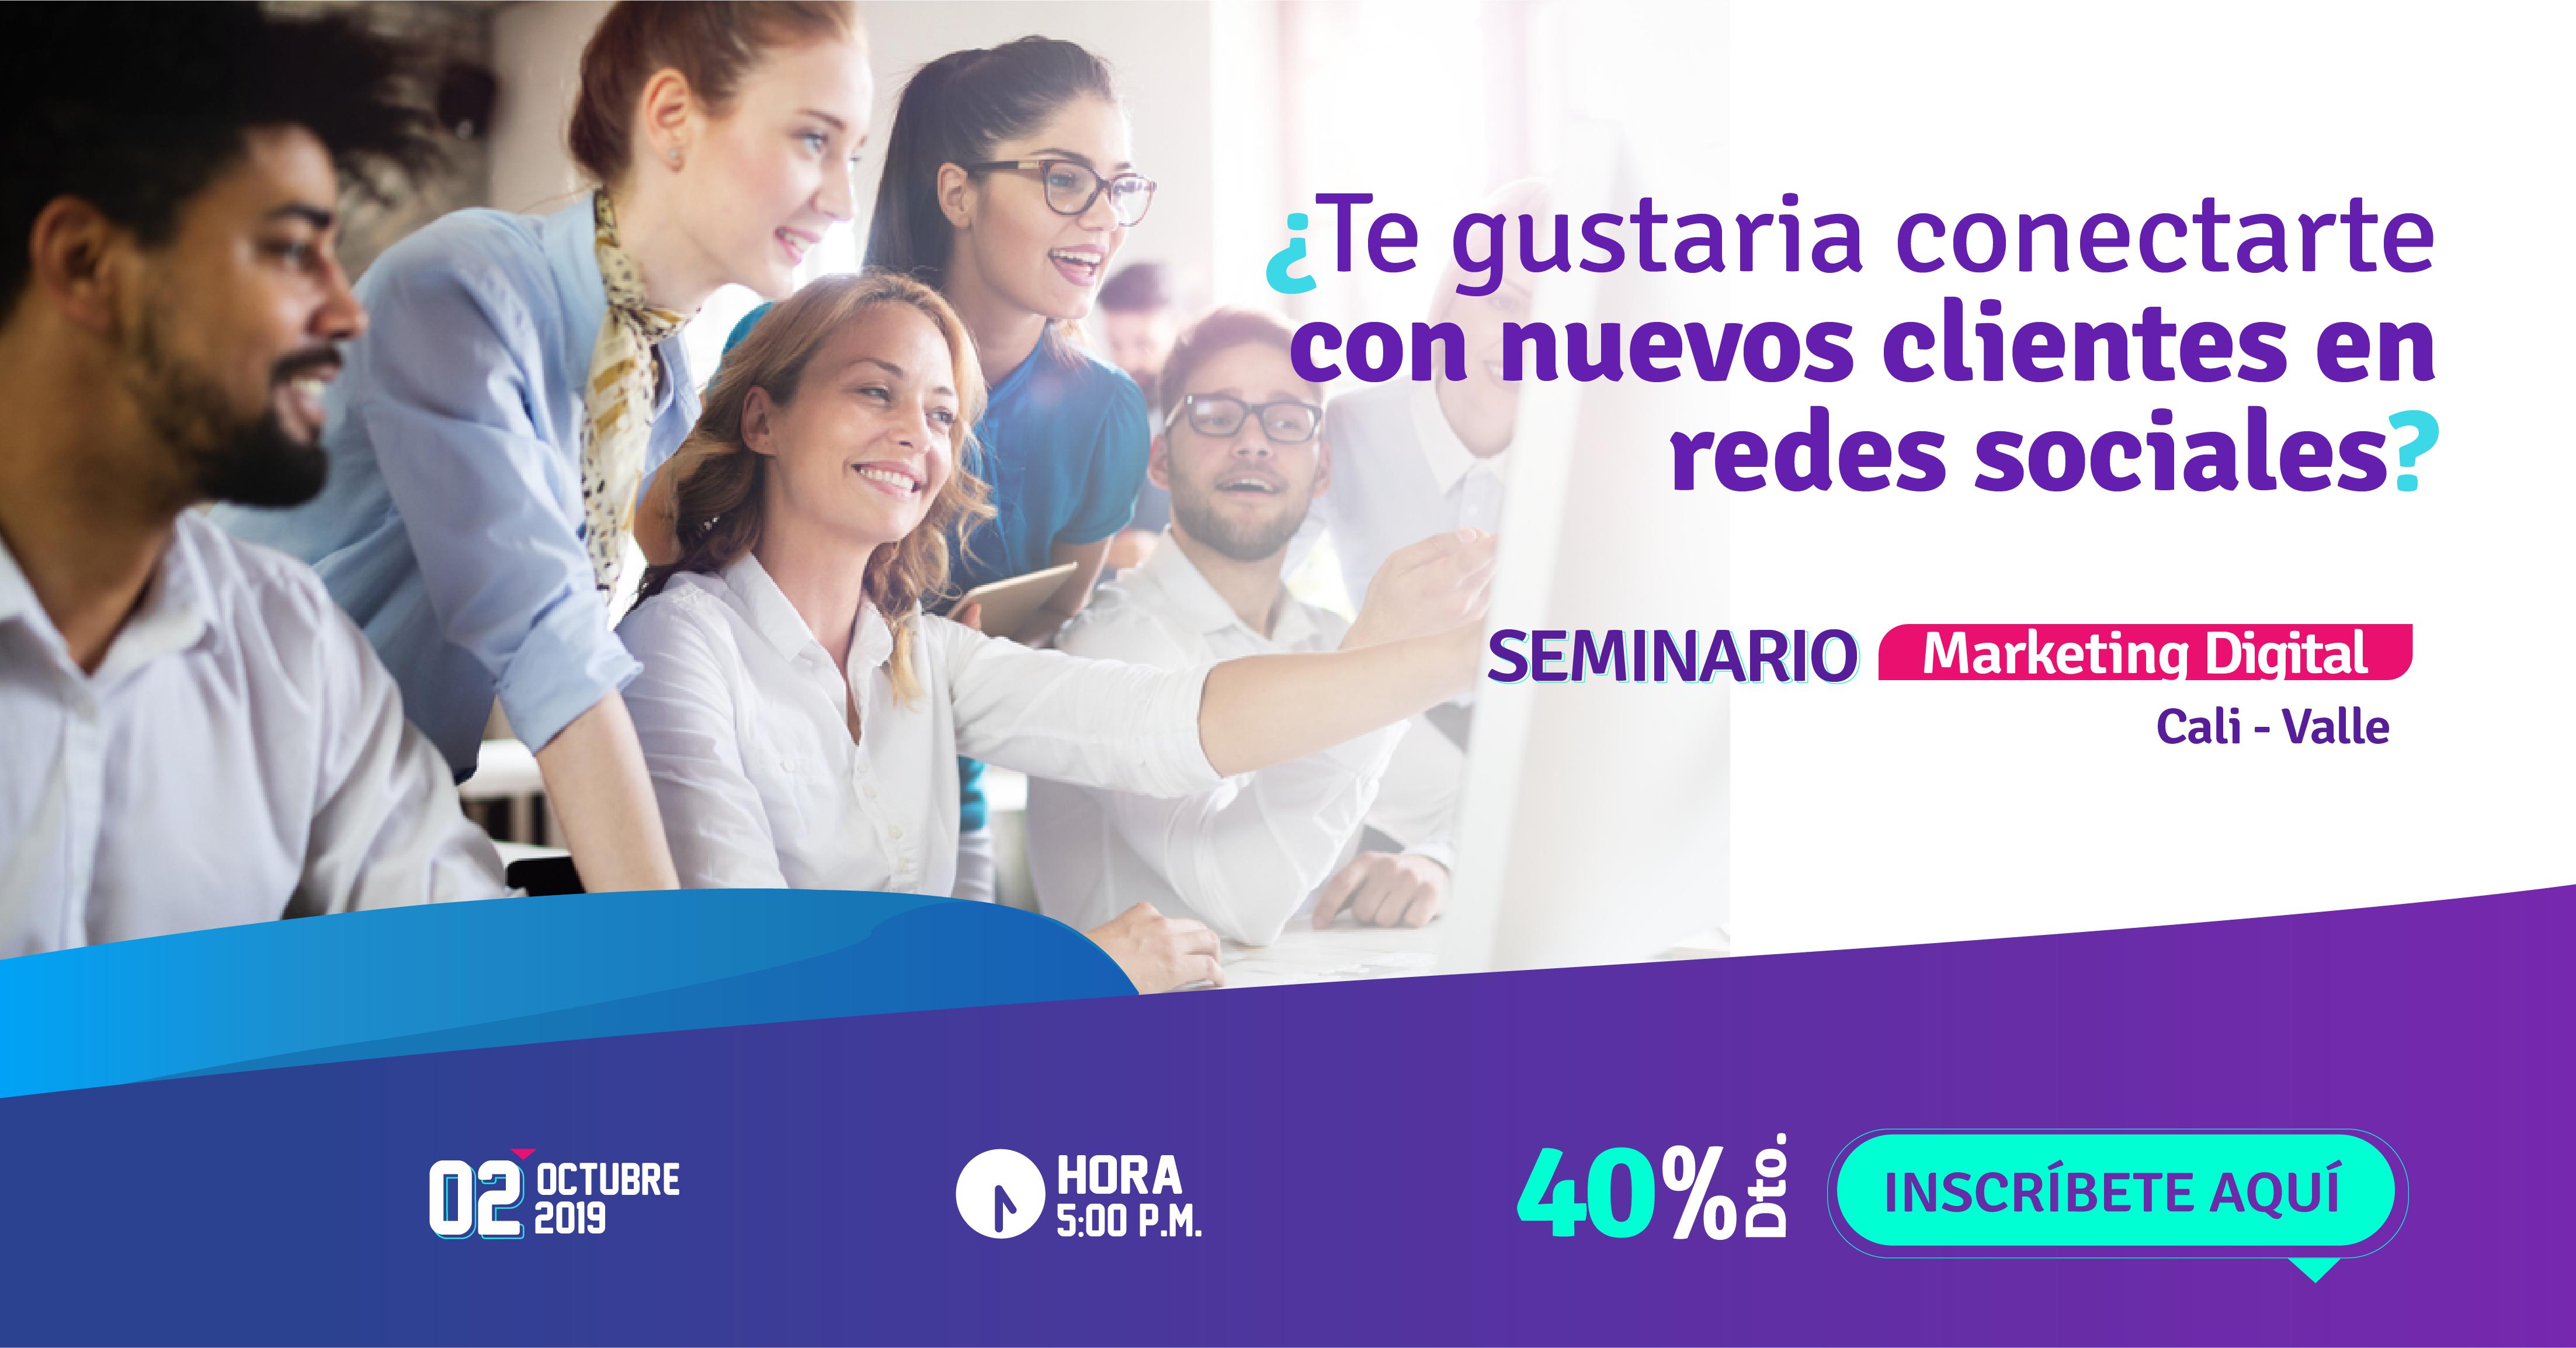 Sexto-Seminario-como-Conectar-Nuevos-Clientes-en-Redes-Sociales-Marketing-Digital-011